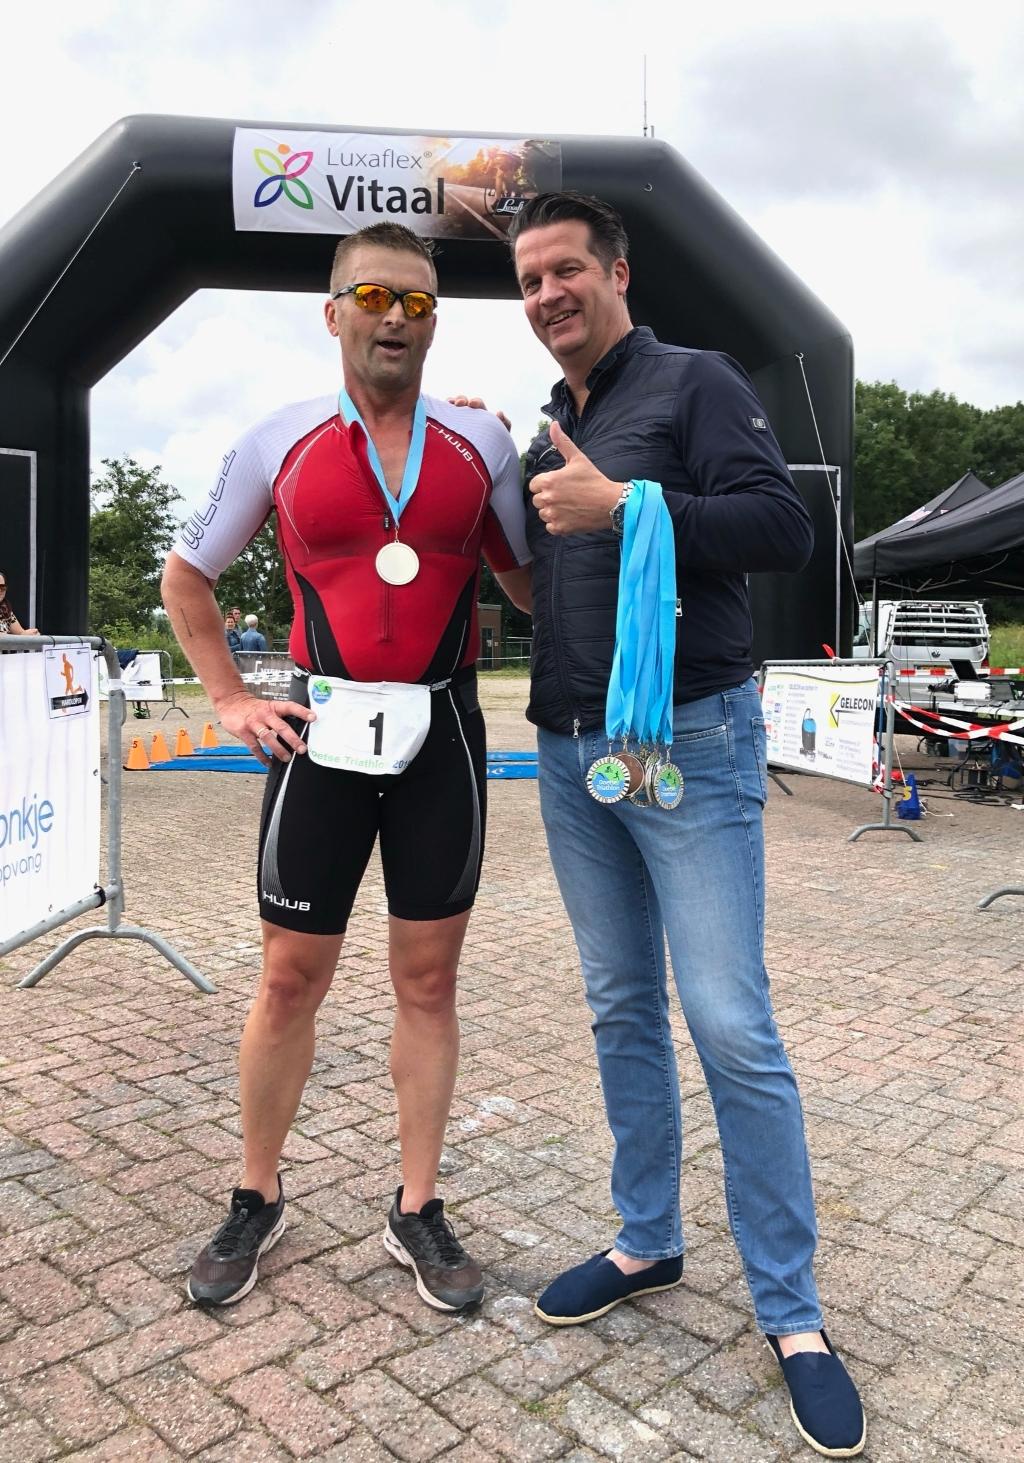 Doetse Triathlon © BDU media